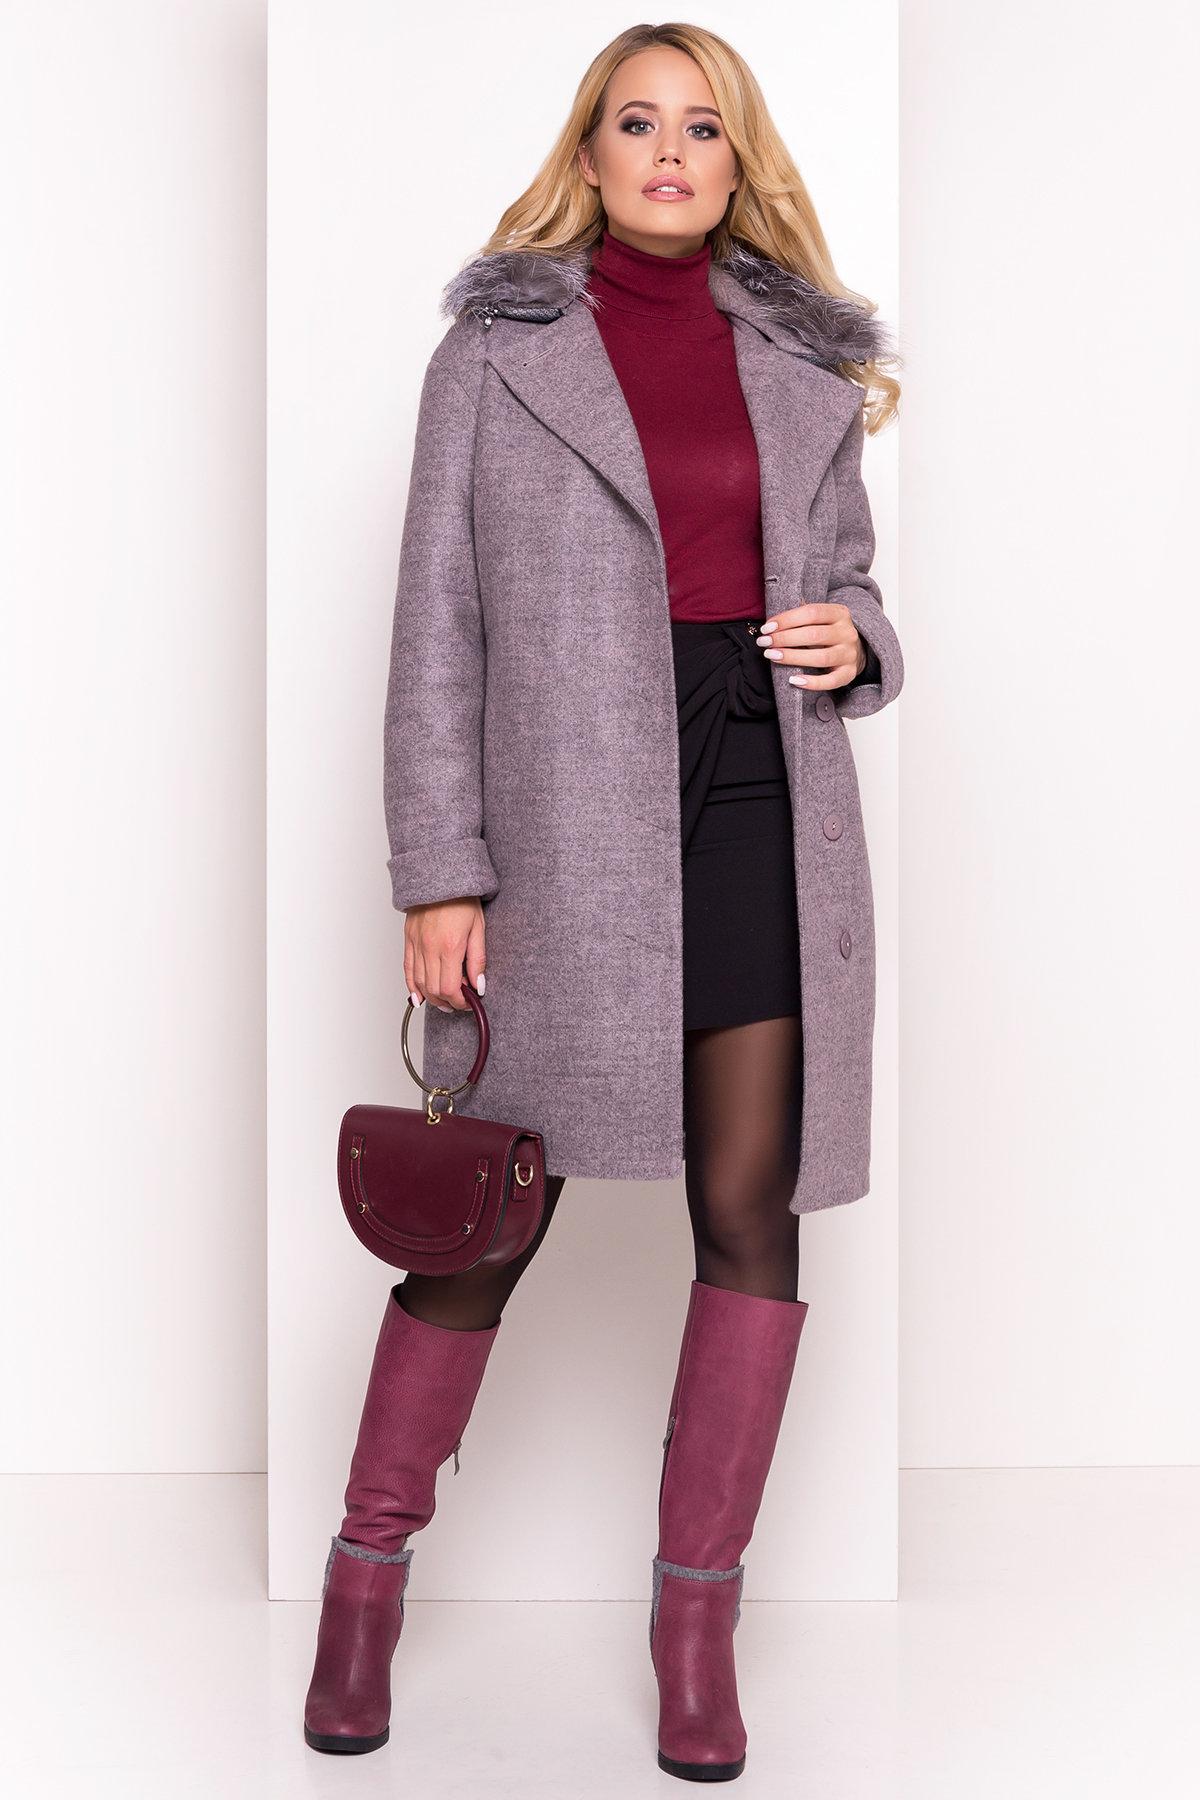 Пальто зима Приора 5669 АРТ. 38174 Цвет: Карамель 20 - фото 3, интернет магазин tm-modus.ru